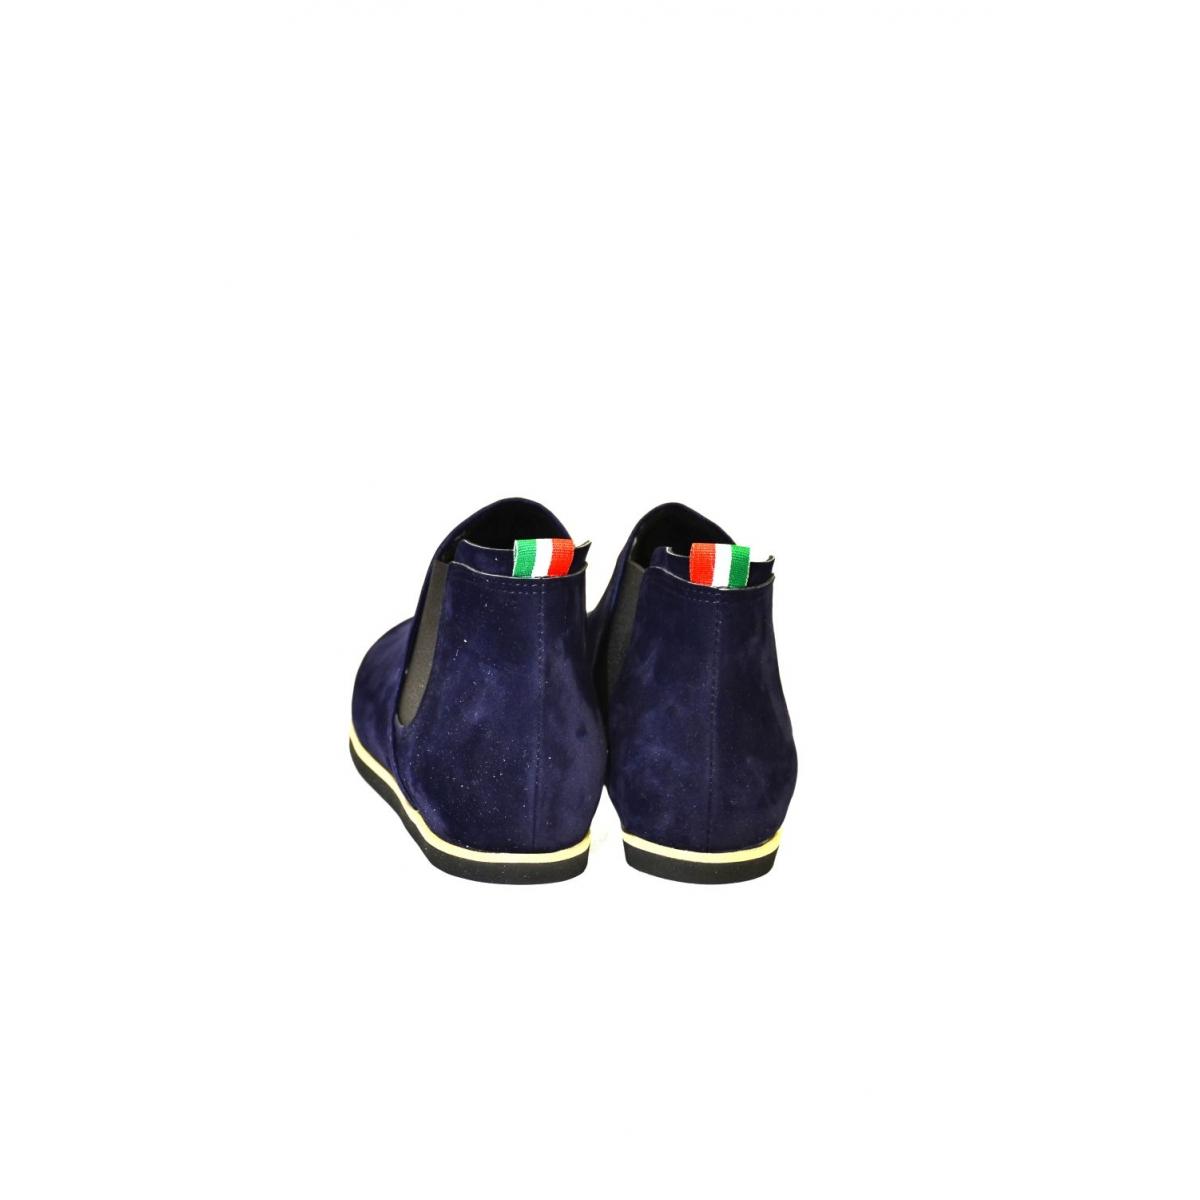 Dámske tmavo-modré členkové topánky ORIOS - 5 df97c1277a4